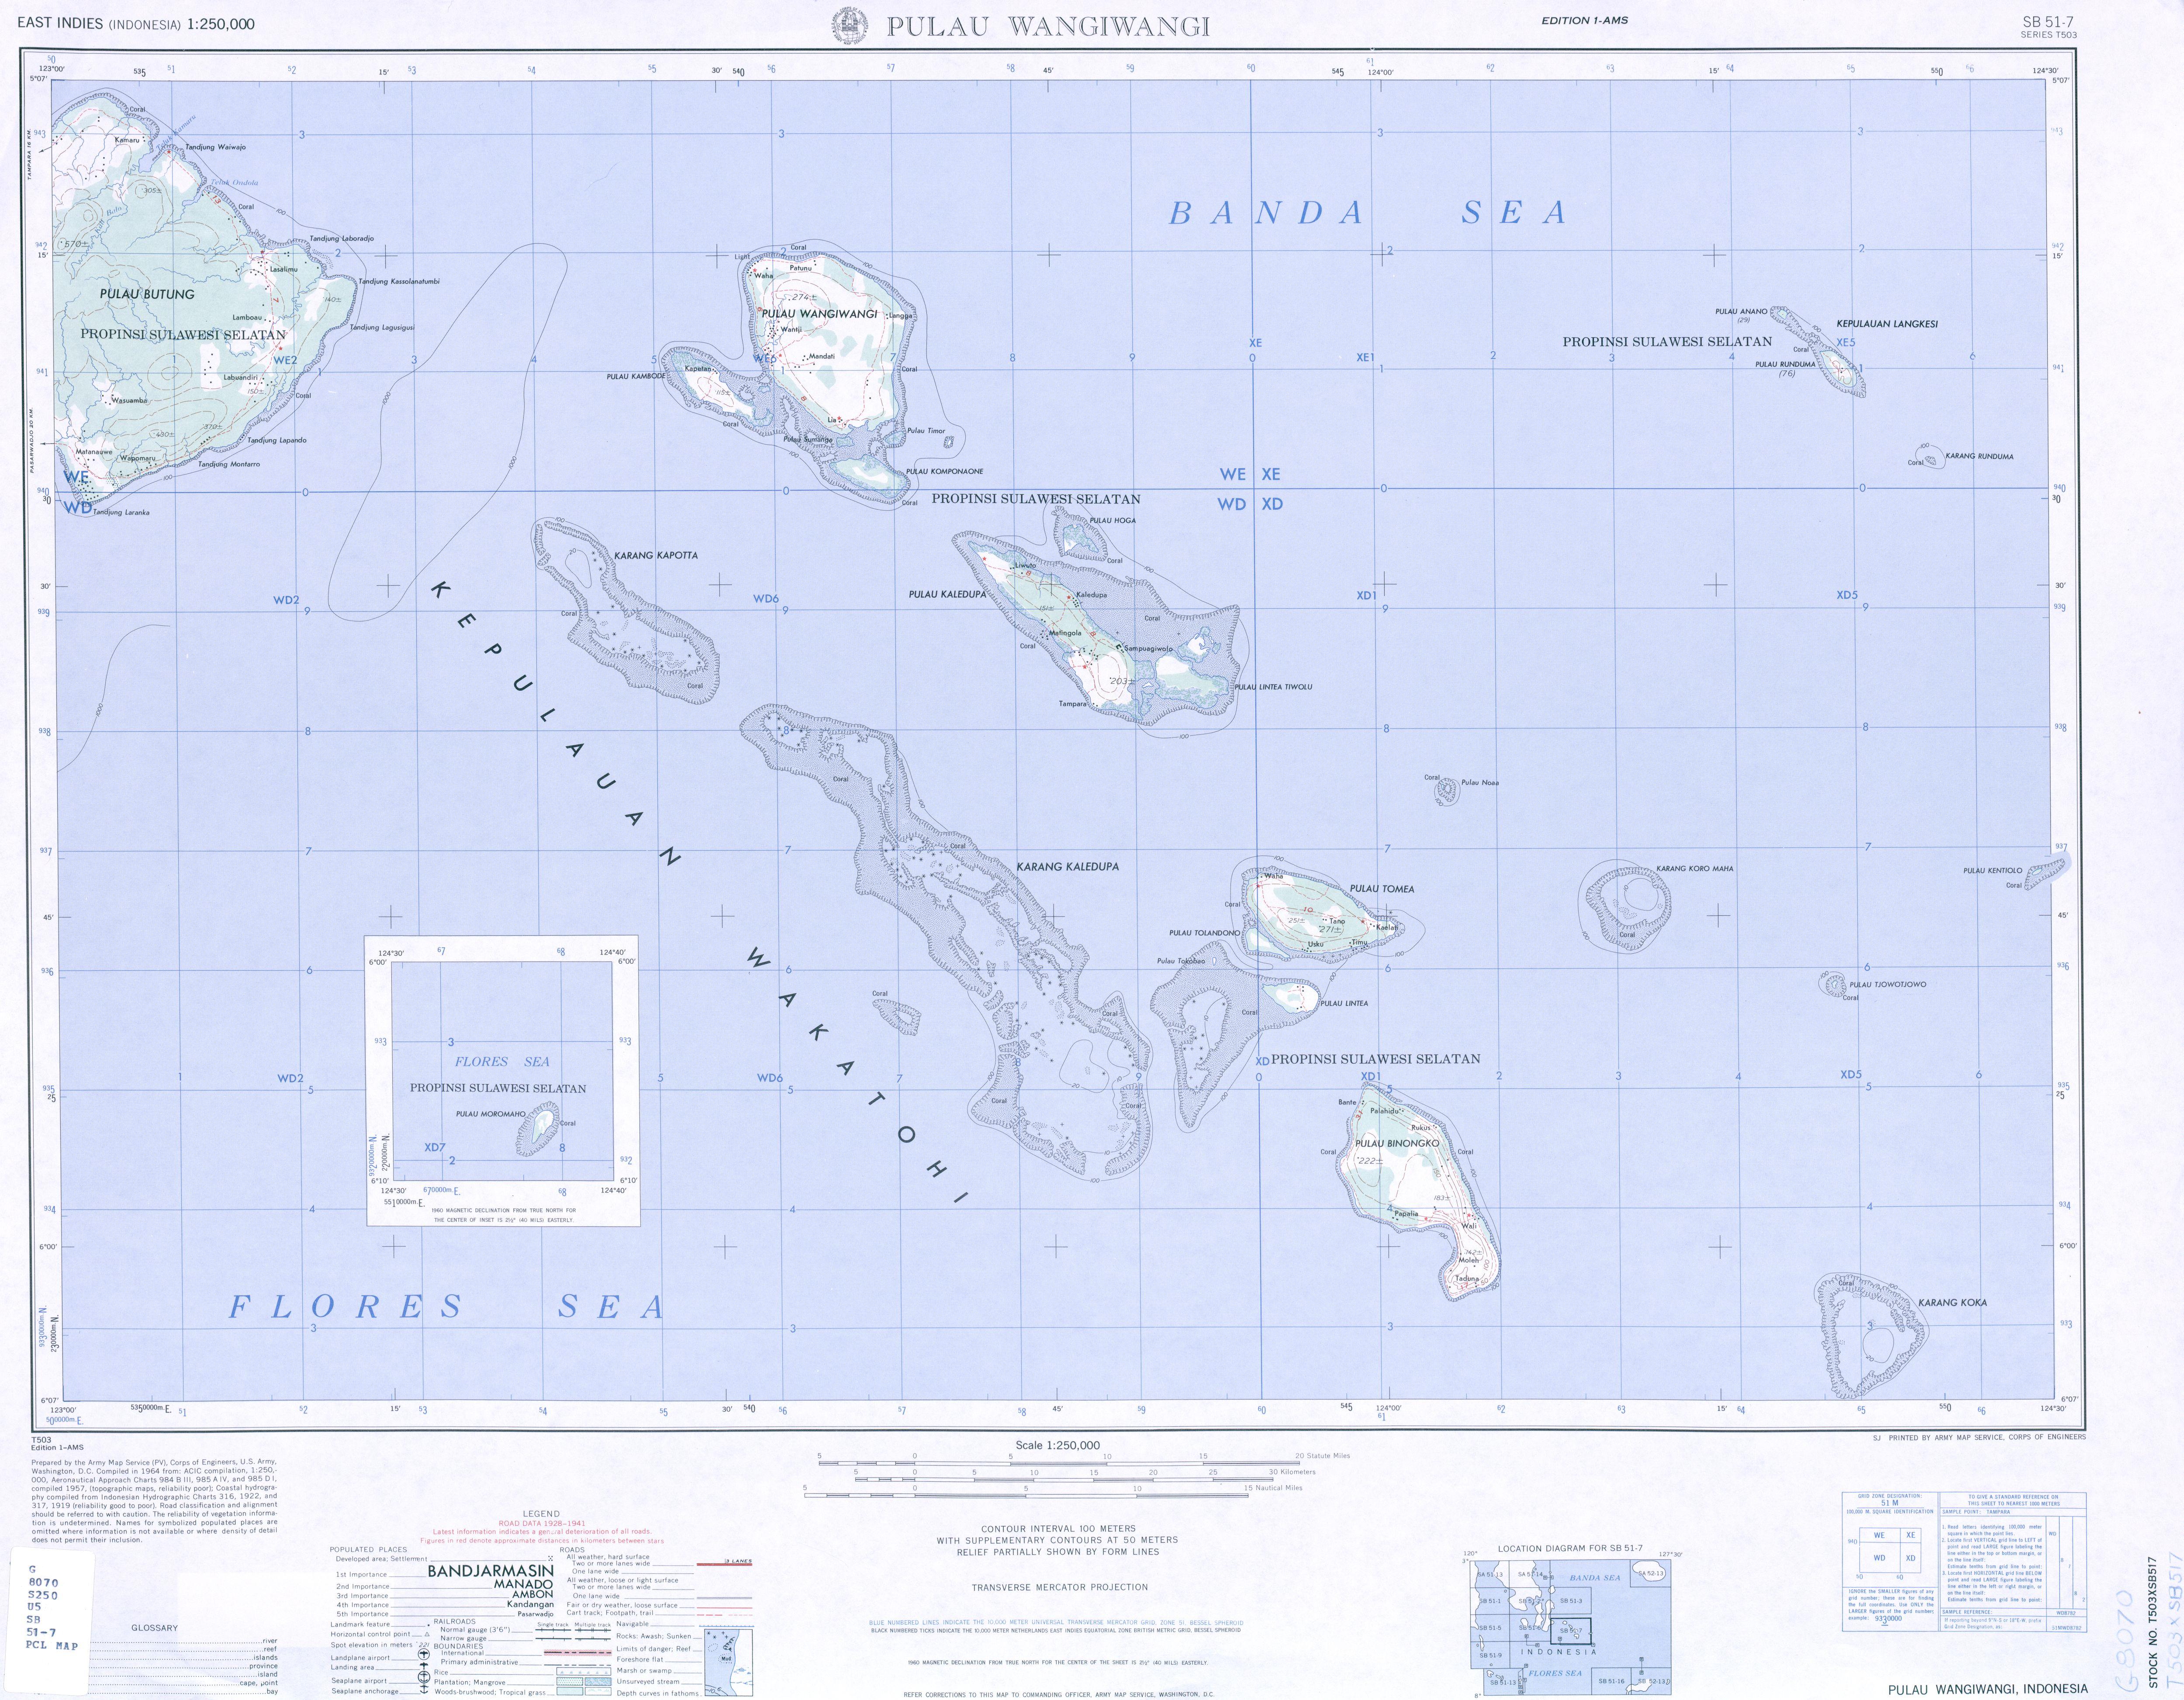 Pulau Wangiwangi